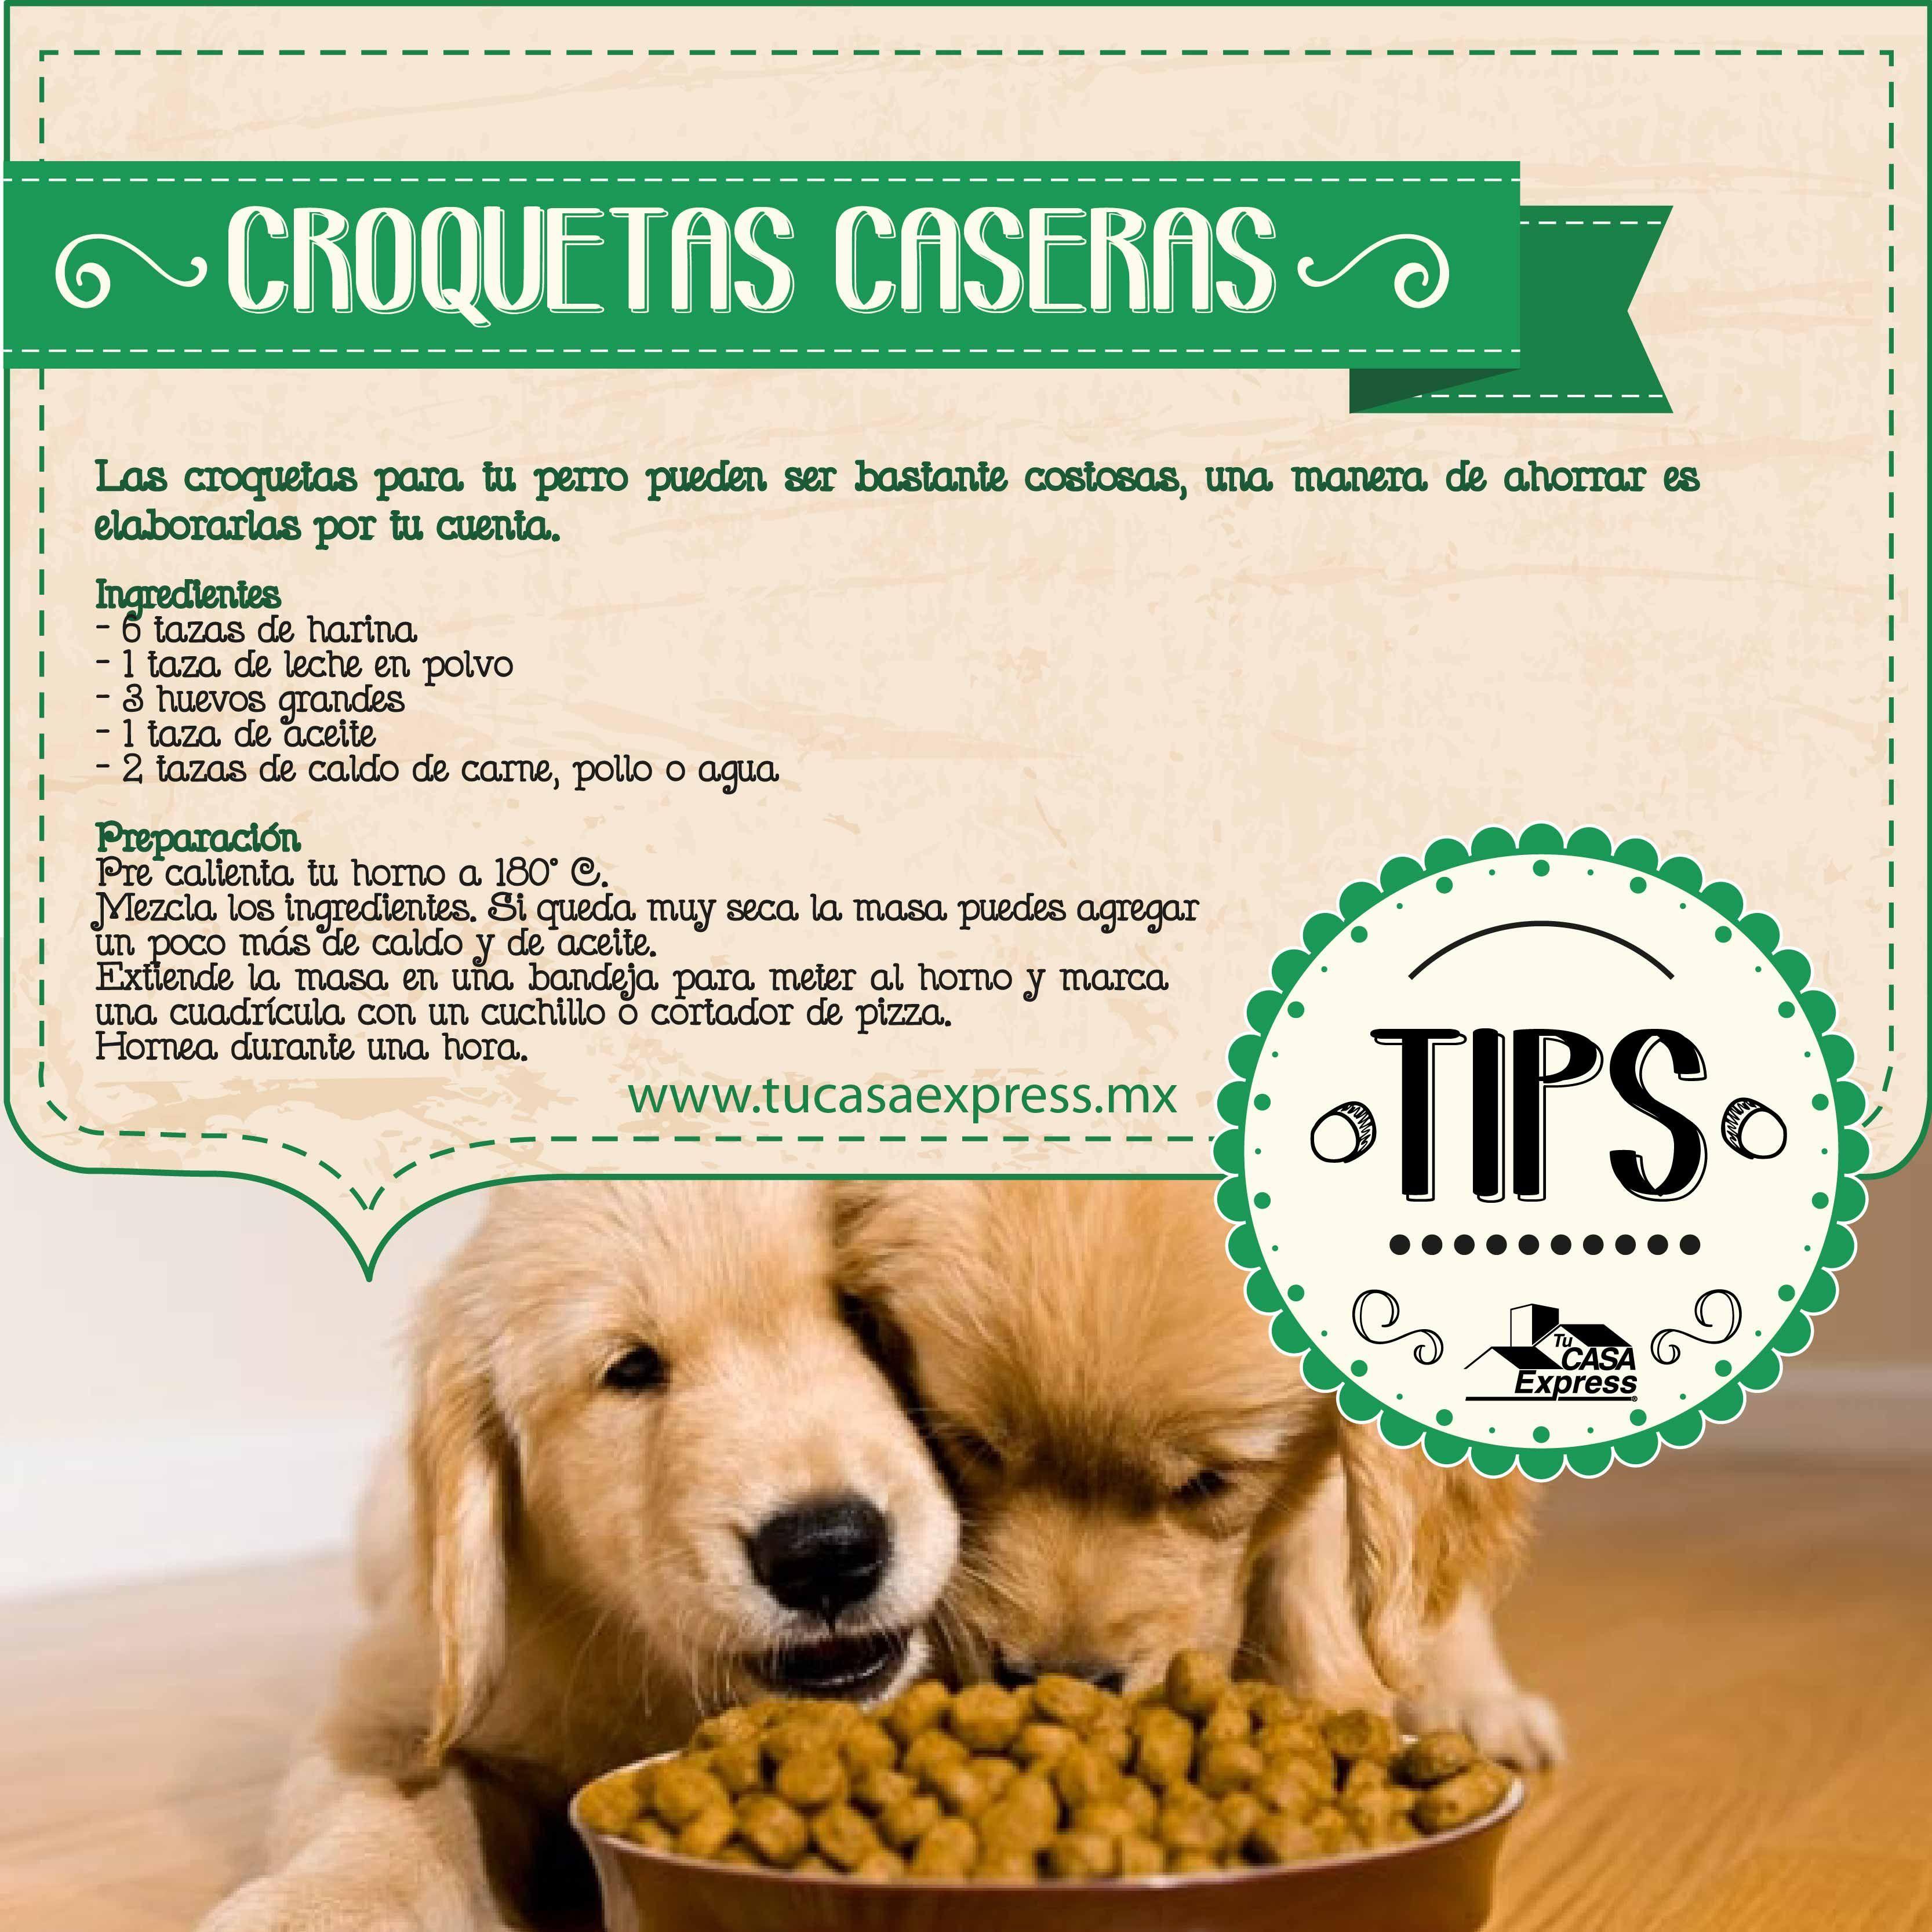 Las Croquetas Alimento Para Tu Perro Pueden Ser Bastante